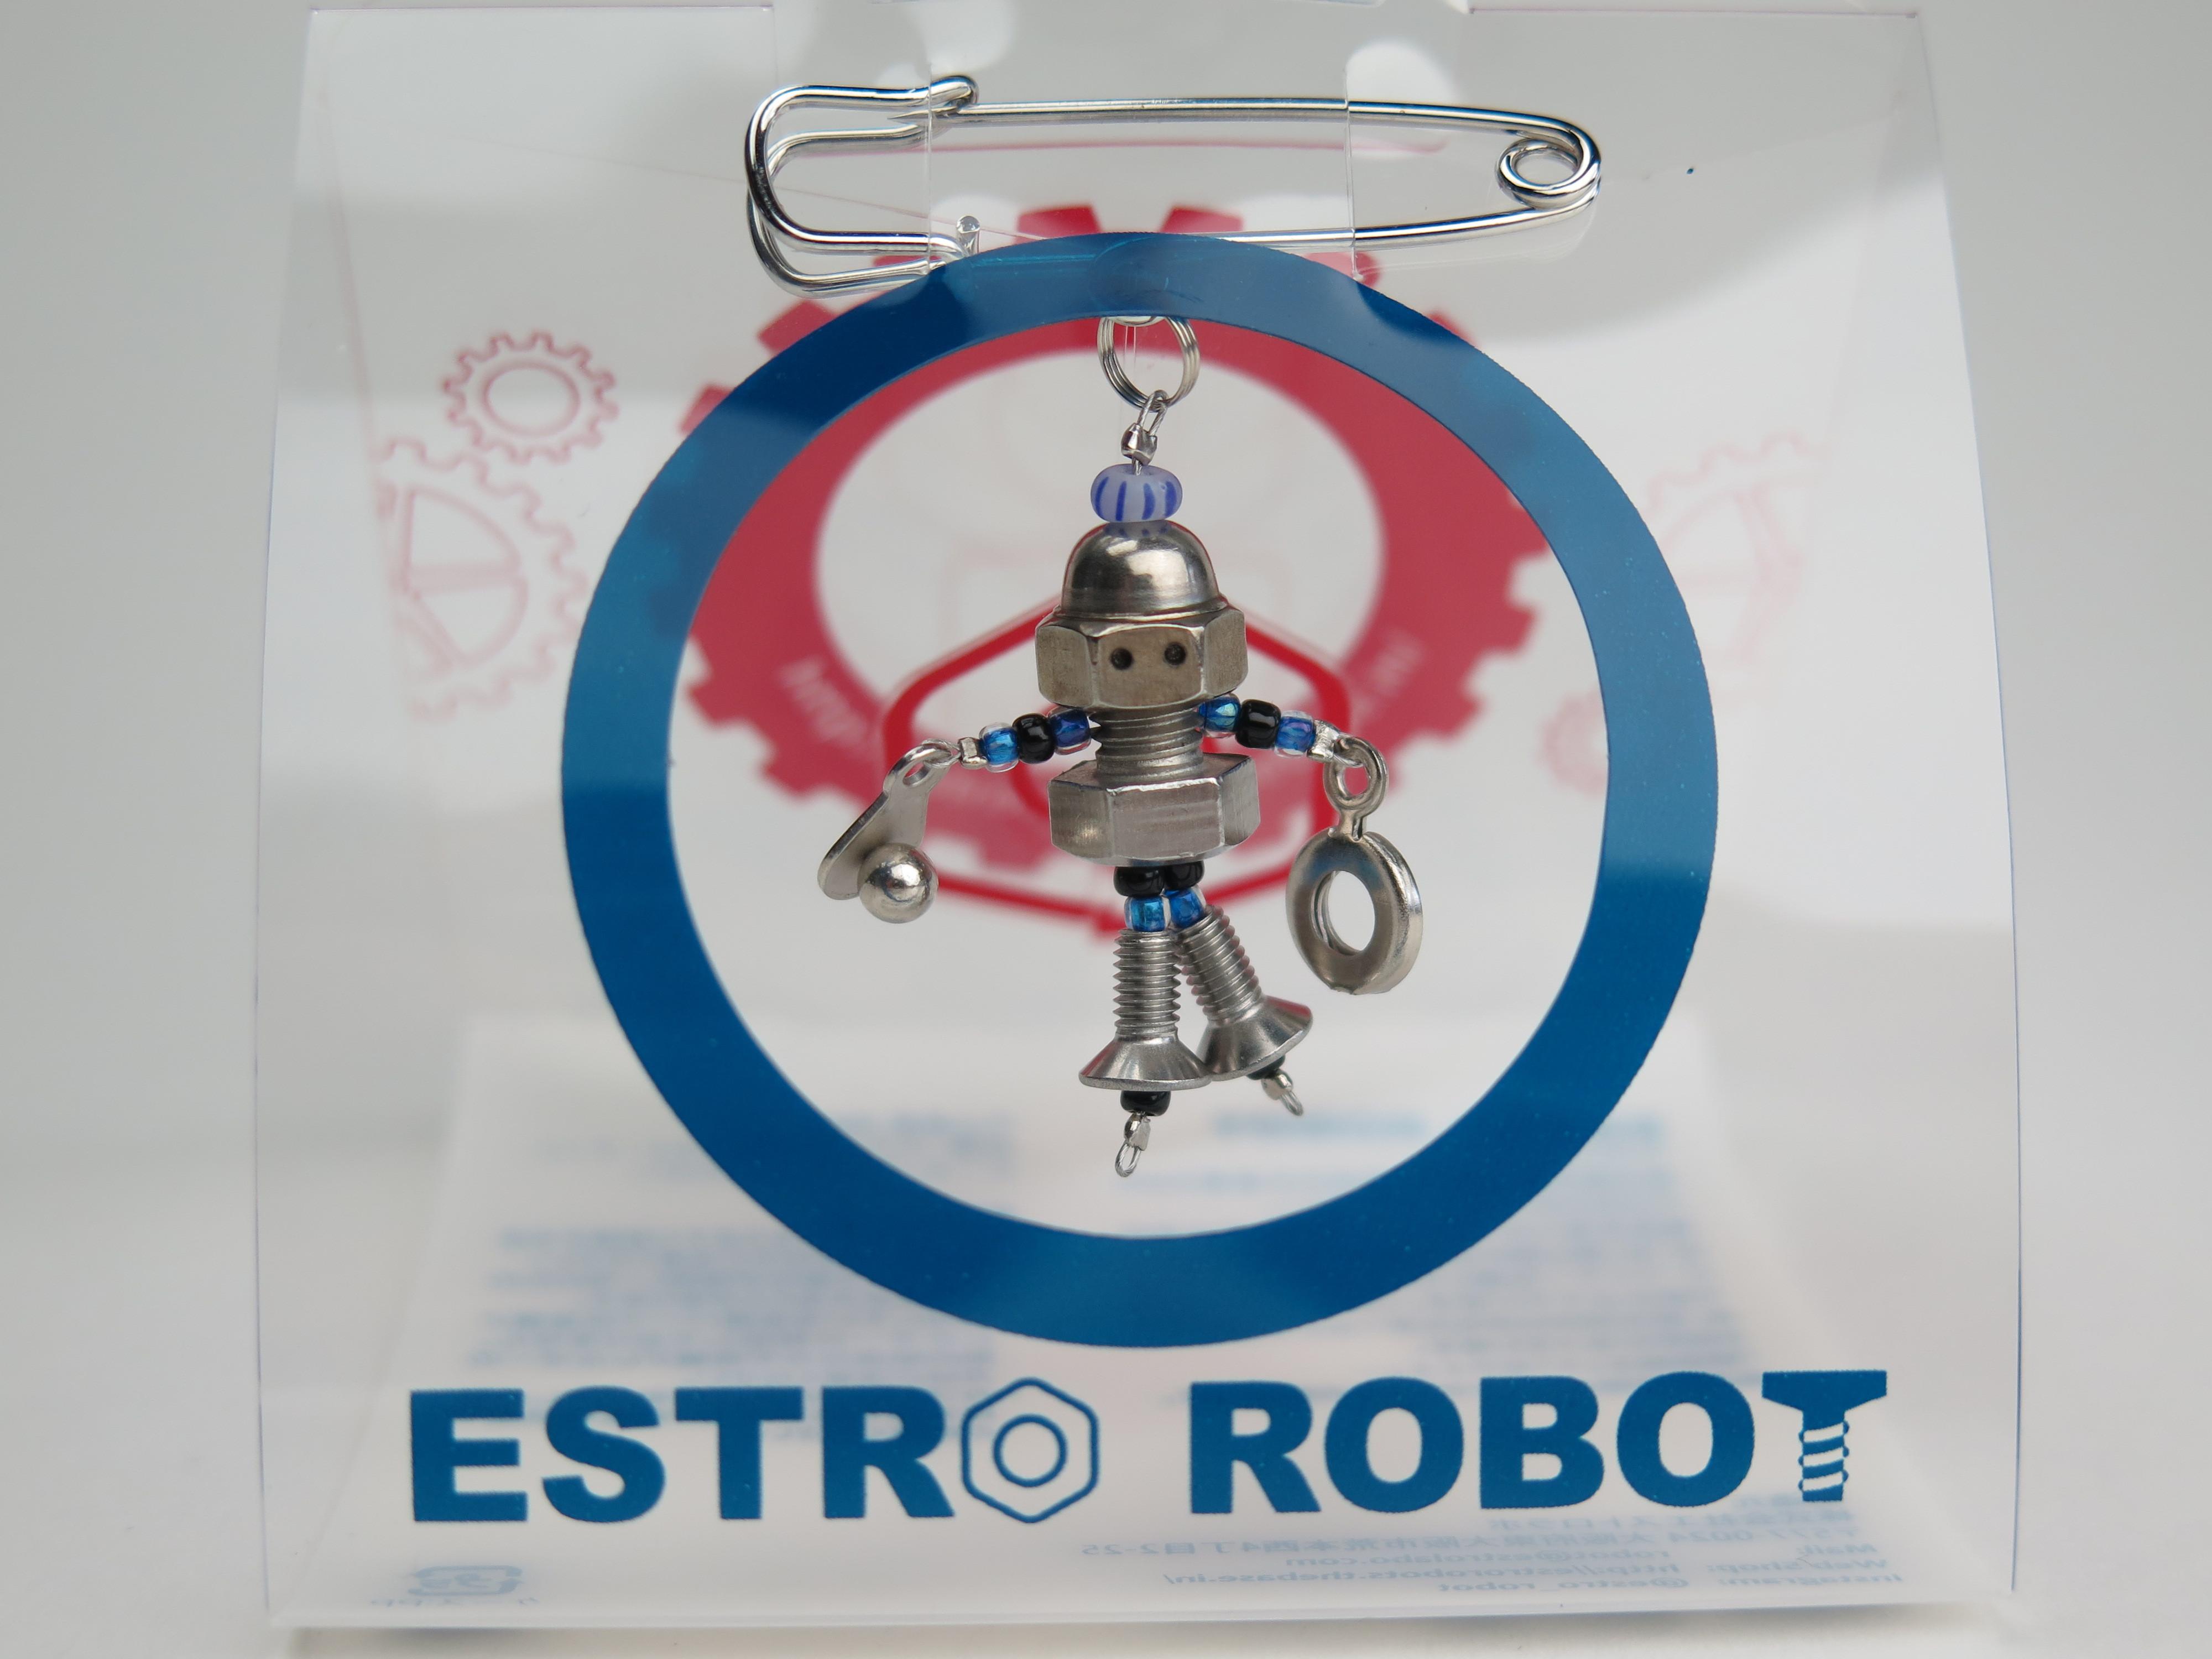 estro robot blue black ブルー ブラック